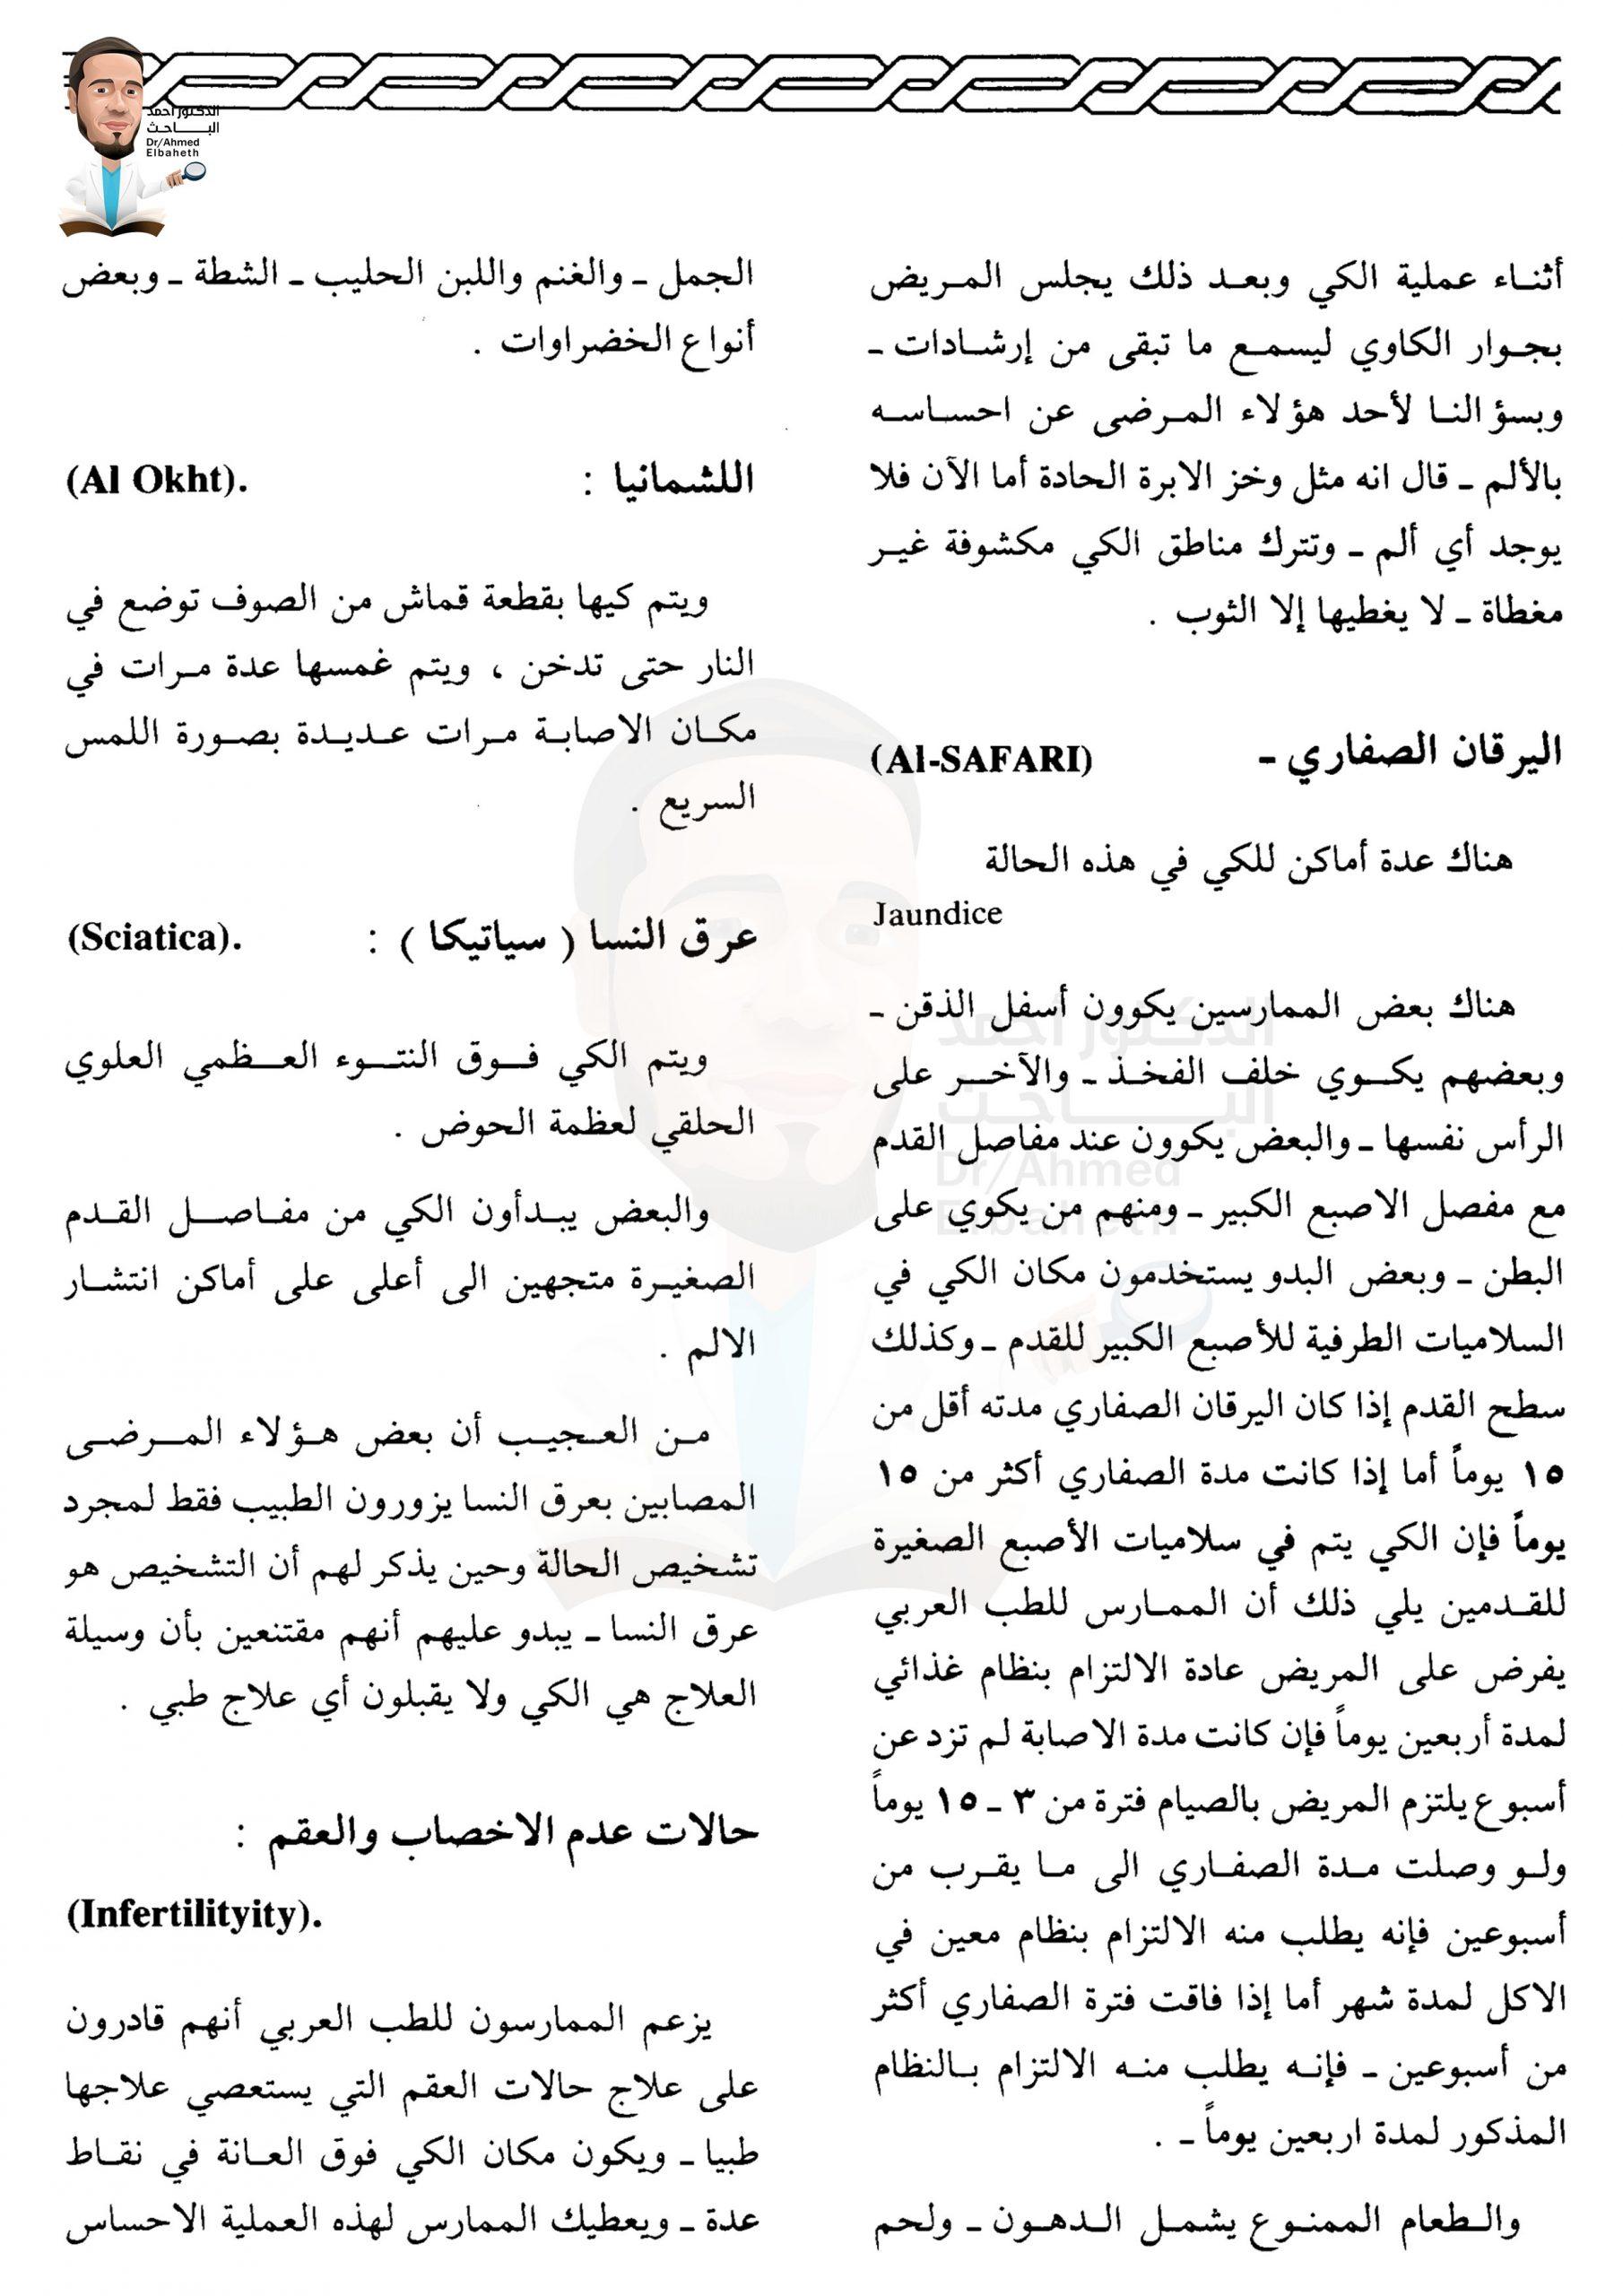 الطب العربي الشعبي